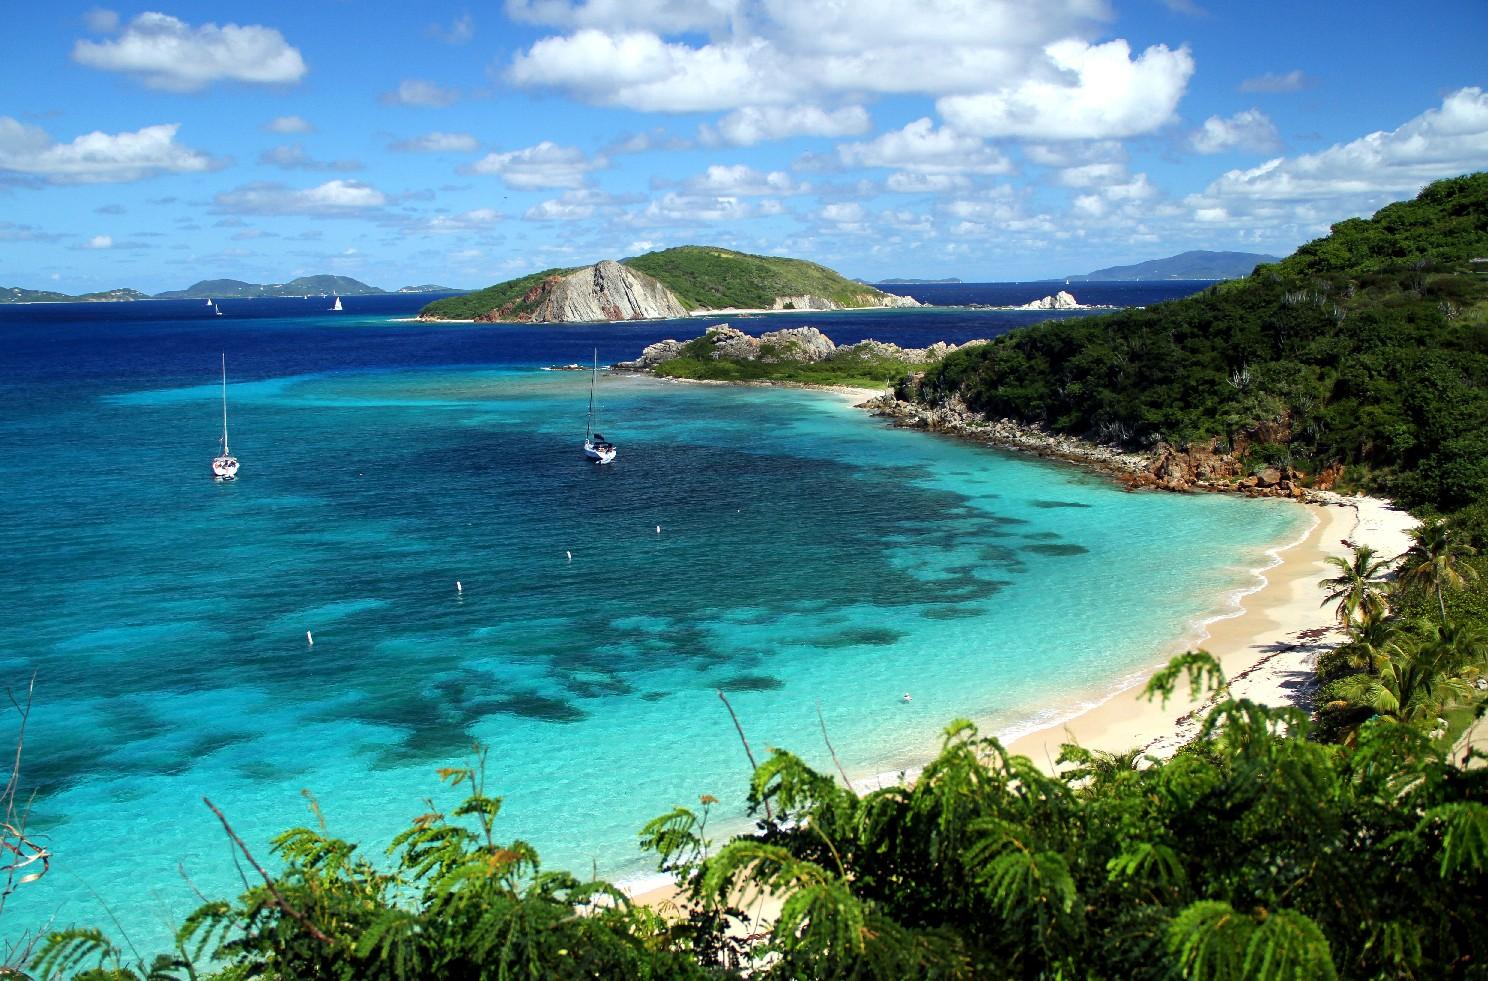 Deadmans Beach, Peter Island. Localizada ao sul de Tortola, a principal ilha do arquipélago, Peter Island é um pequeno pedaço de terra com 1620 hectares banhados pelas águas do Caribe, do oceano Atlântico e do canal Francis Drake